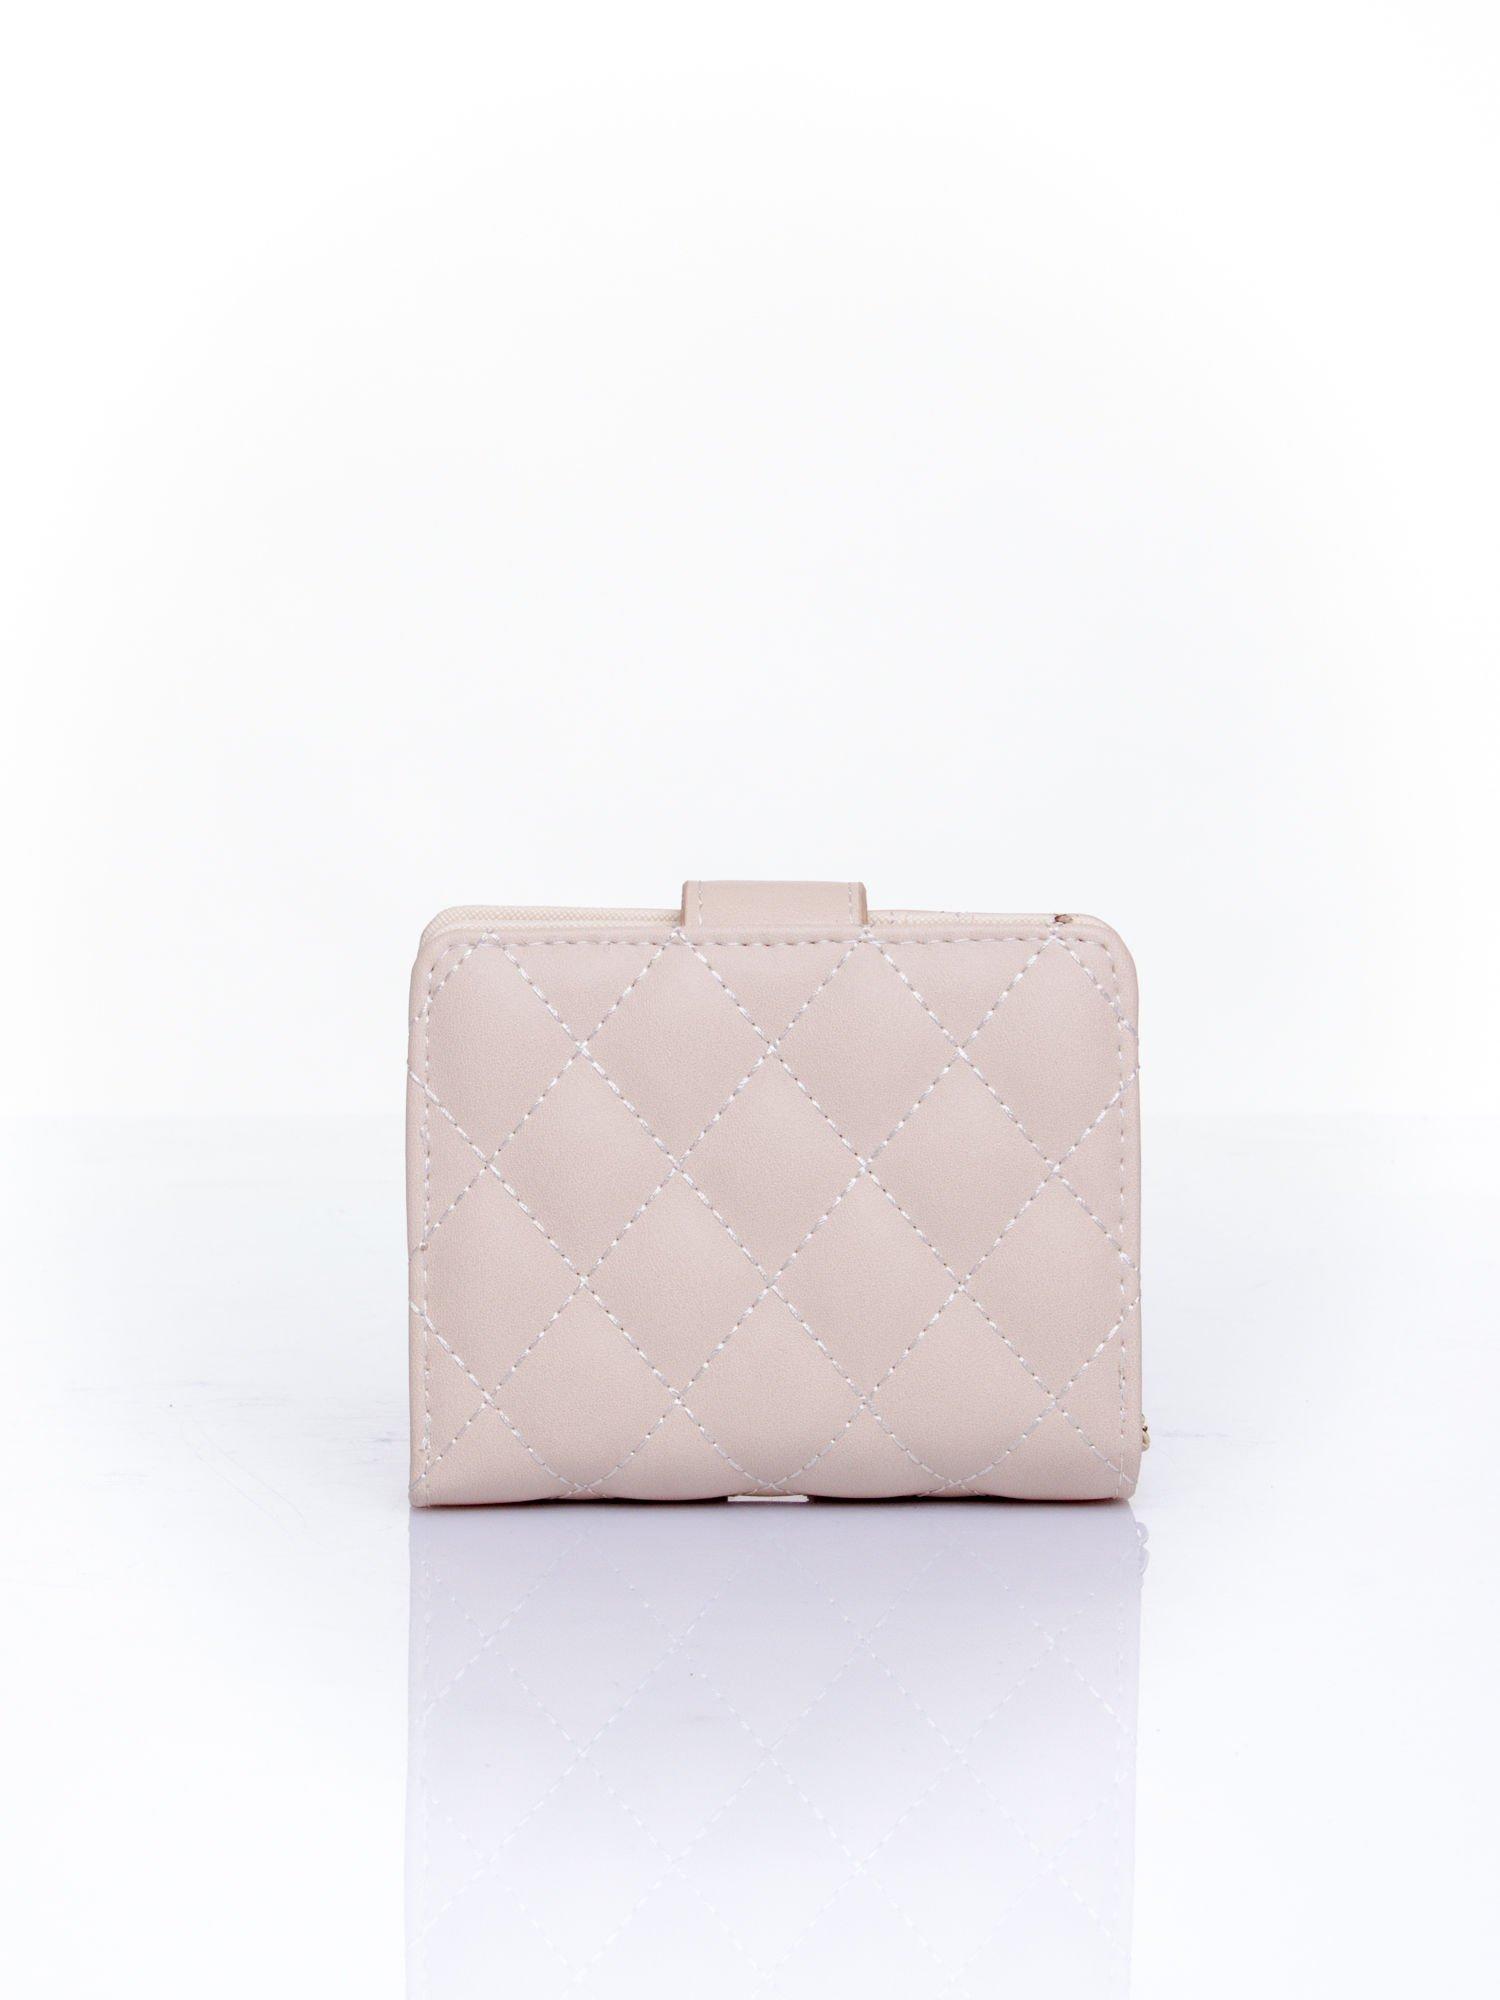 Kremowy pikowany portfel z ozdobnym zapięciem                                  zdj.                                  2